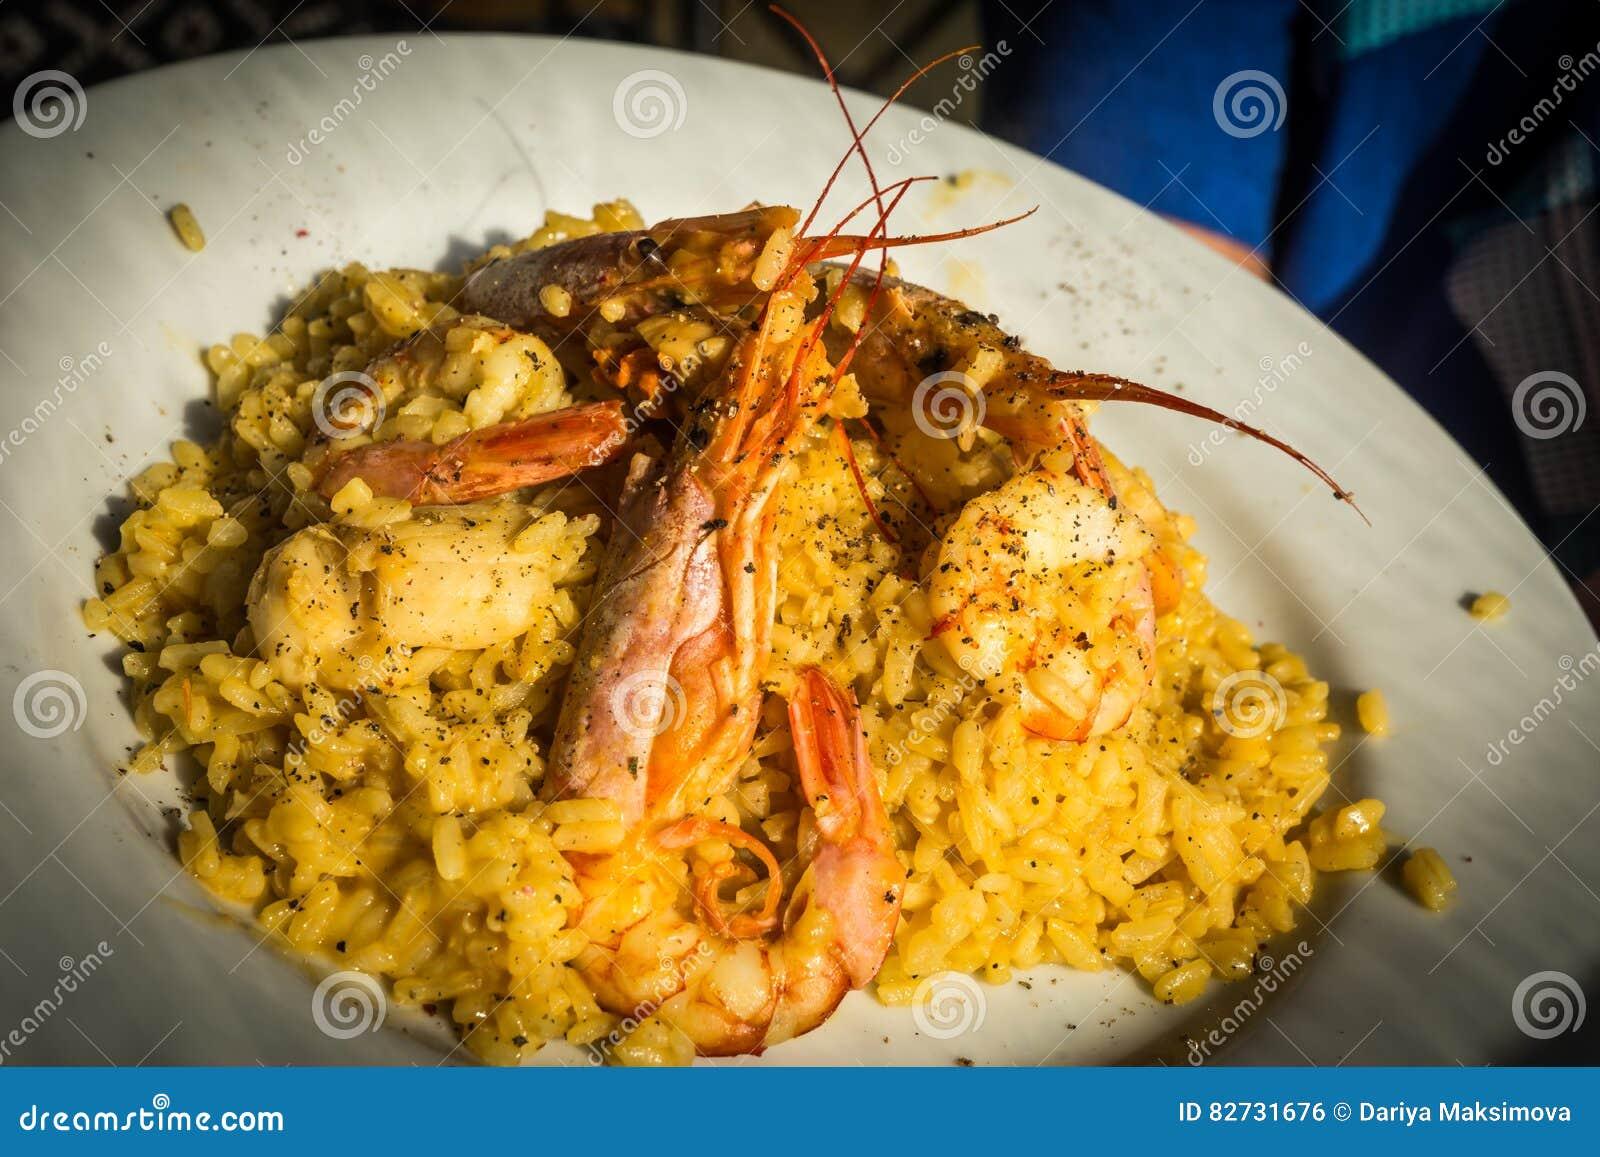 Meeresfrüchte Risotto mit Miesmuscheln und Garnele, Griechenland